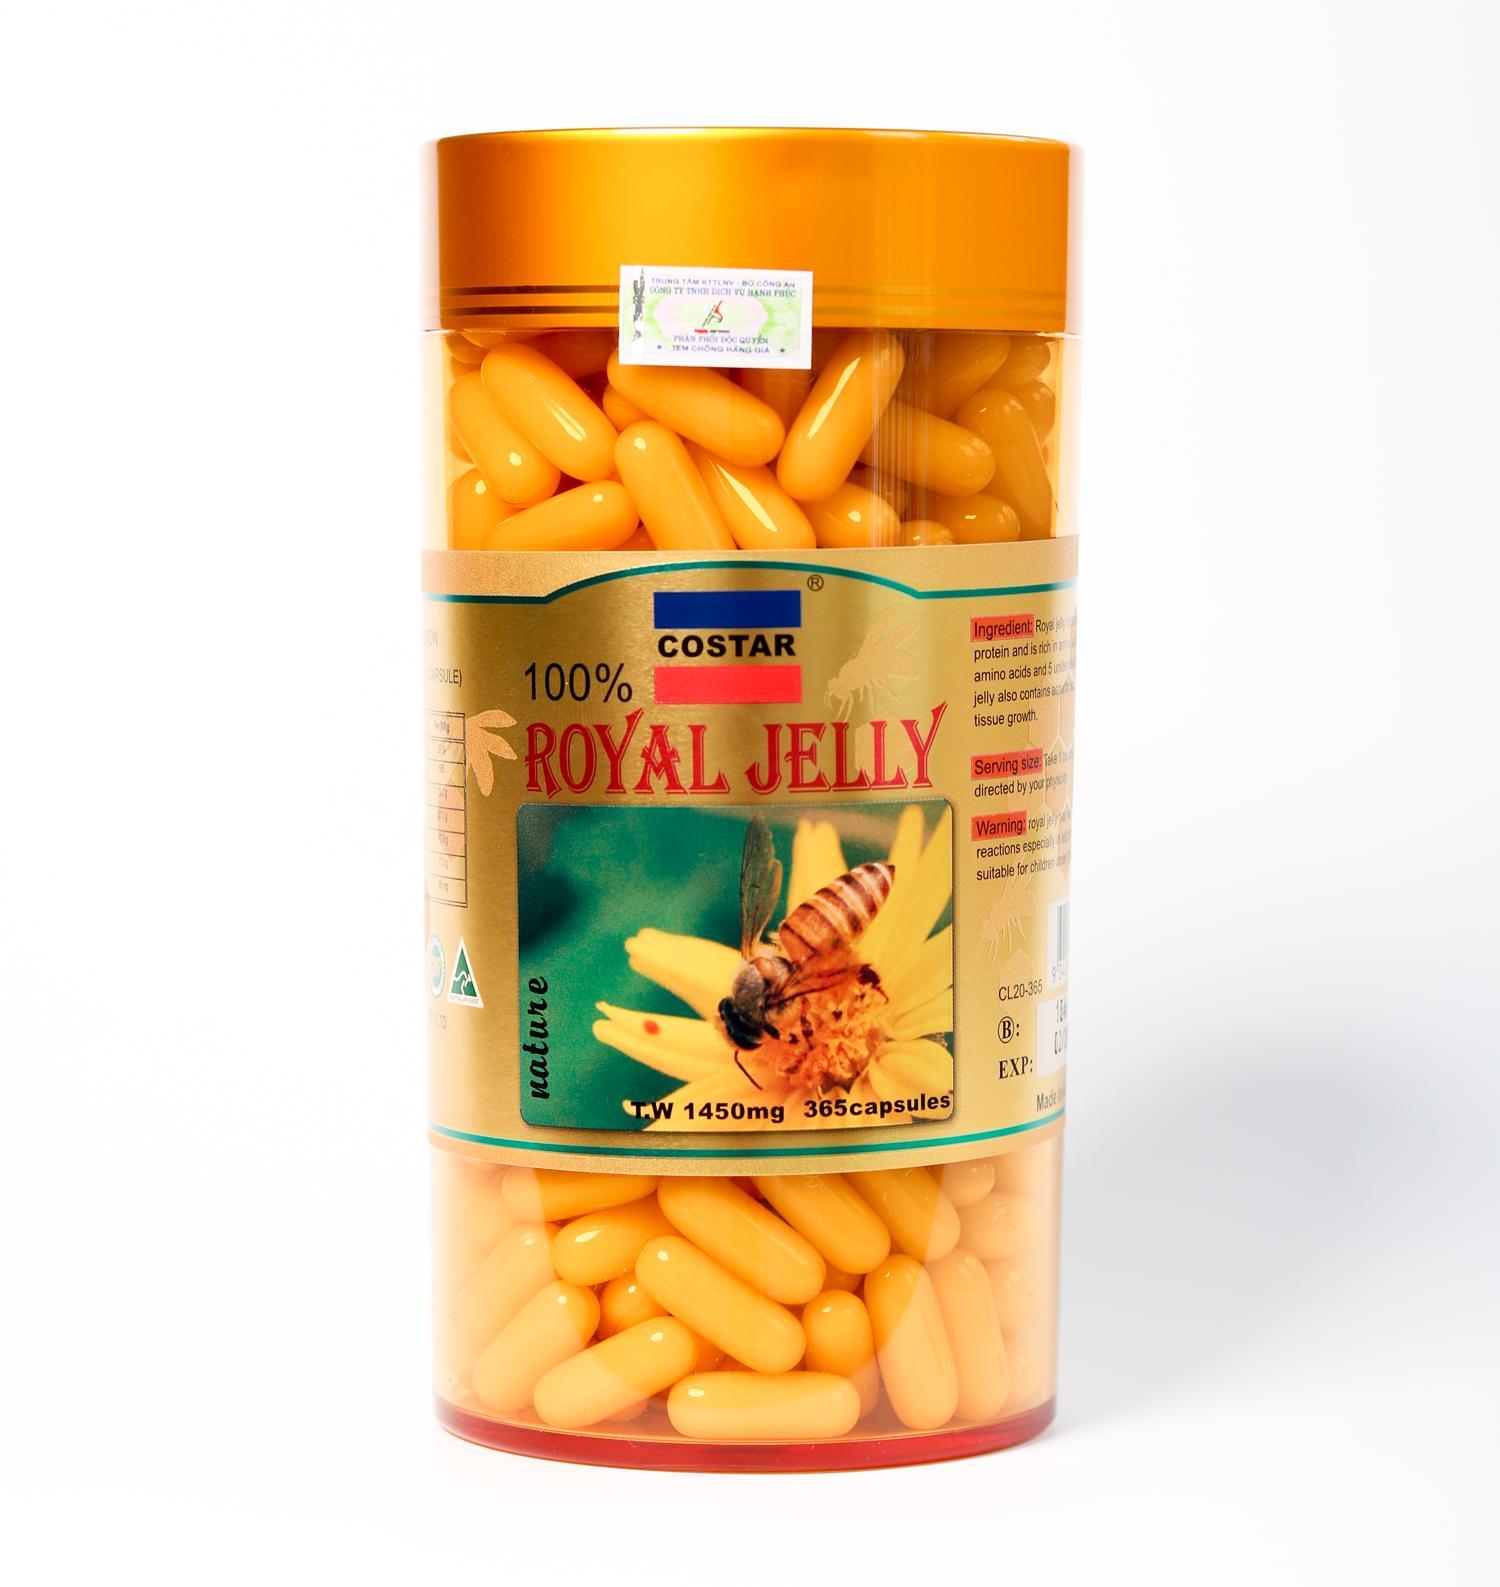 Sữa Ong Chúa Costar Royal Jelly Soft Gel Capsules 1450mg (365 Viên) Cùng Khuyến Mại Sốc